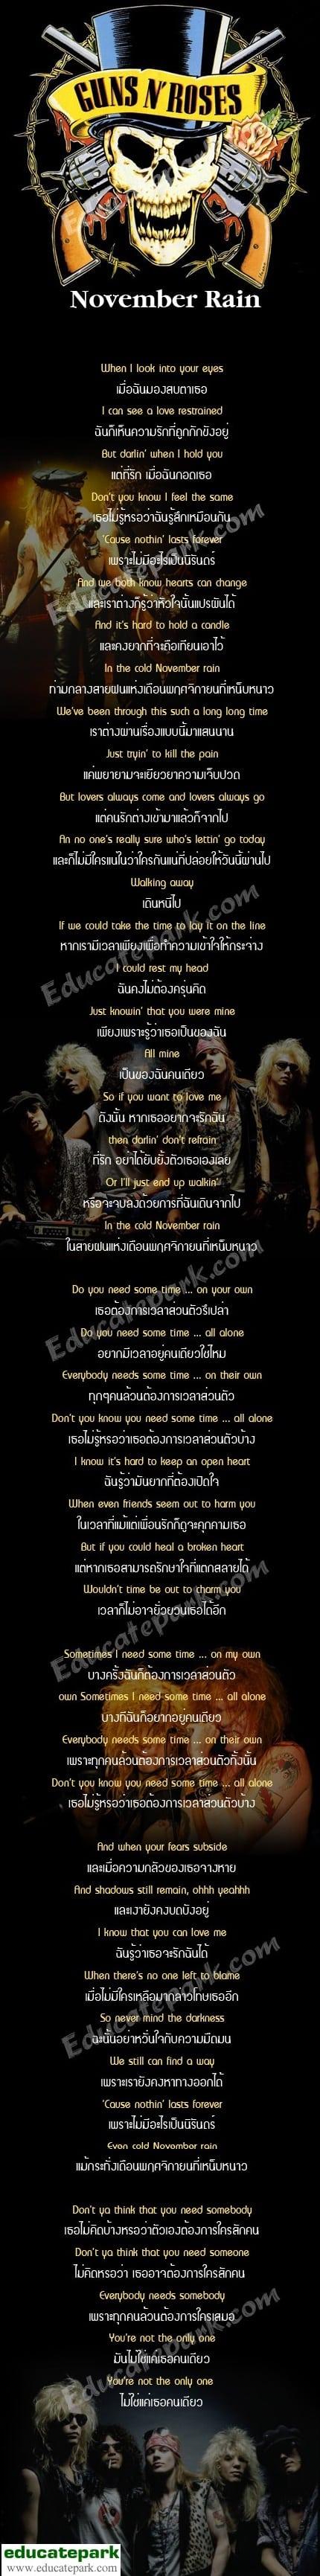 แปลเพลง November Rain - Guns N' Roses